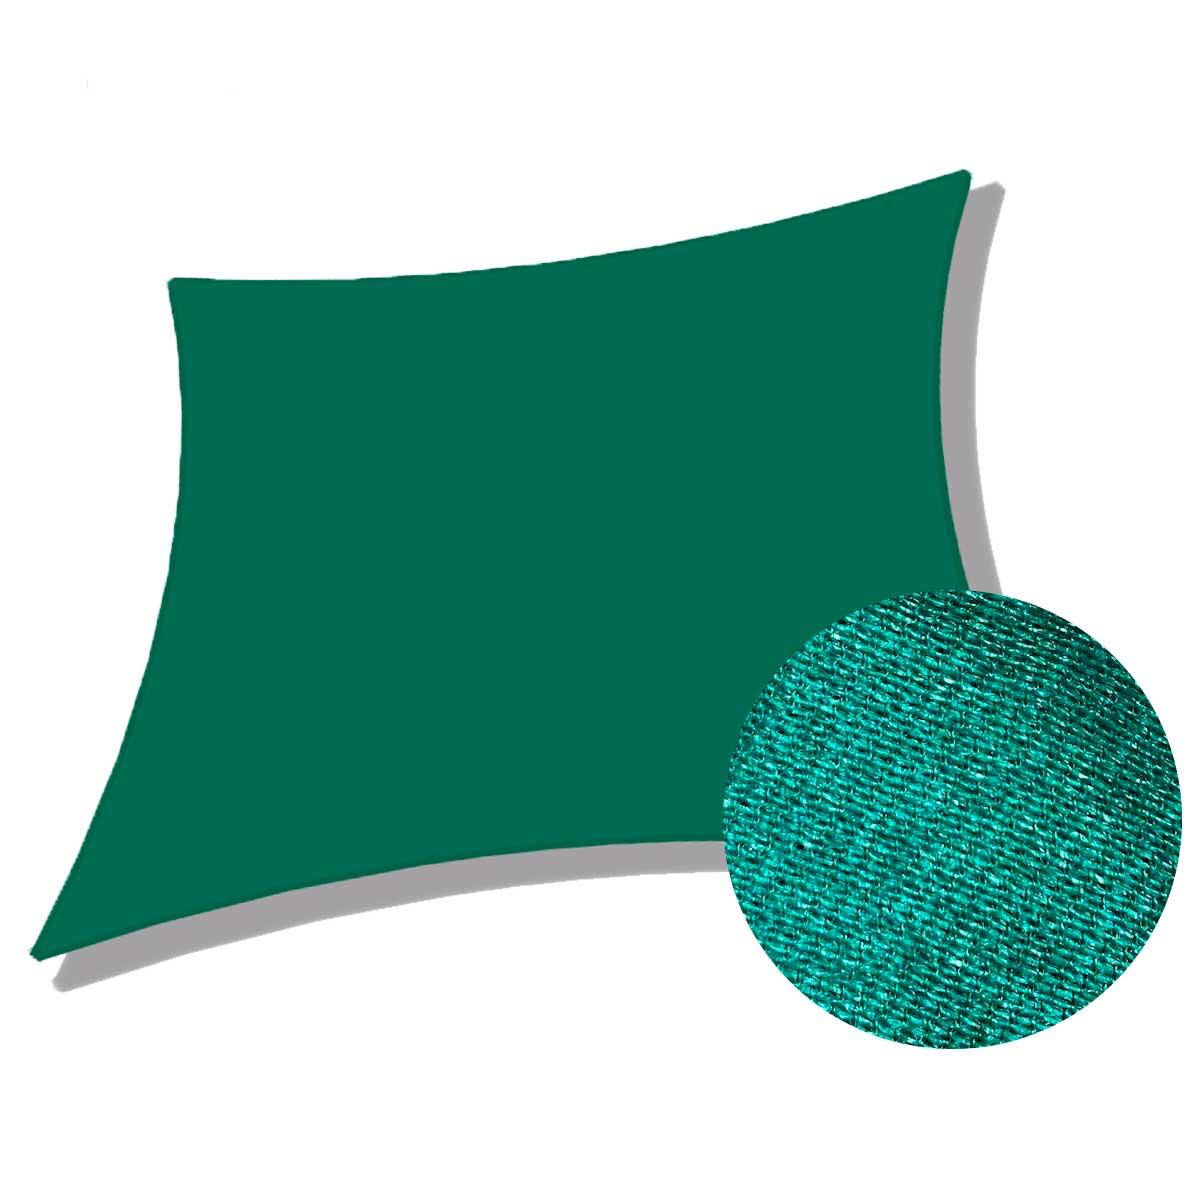 Tela Decorativa Sombrite Verde Sem Acabamento 4x2m